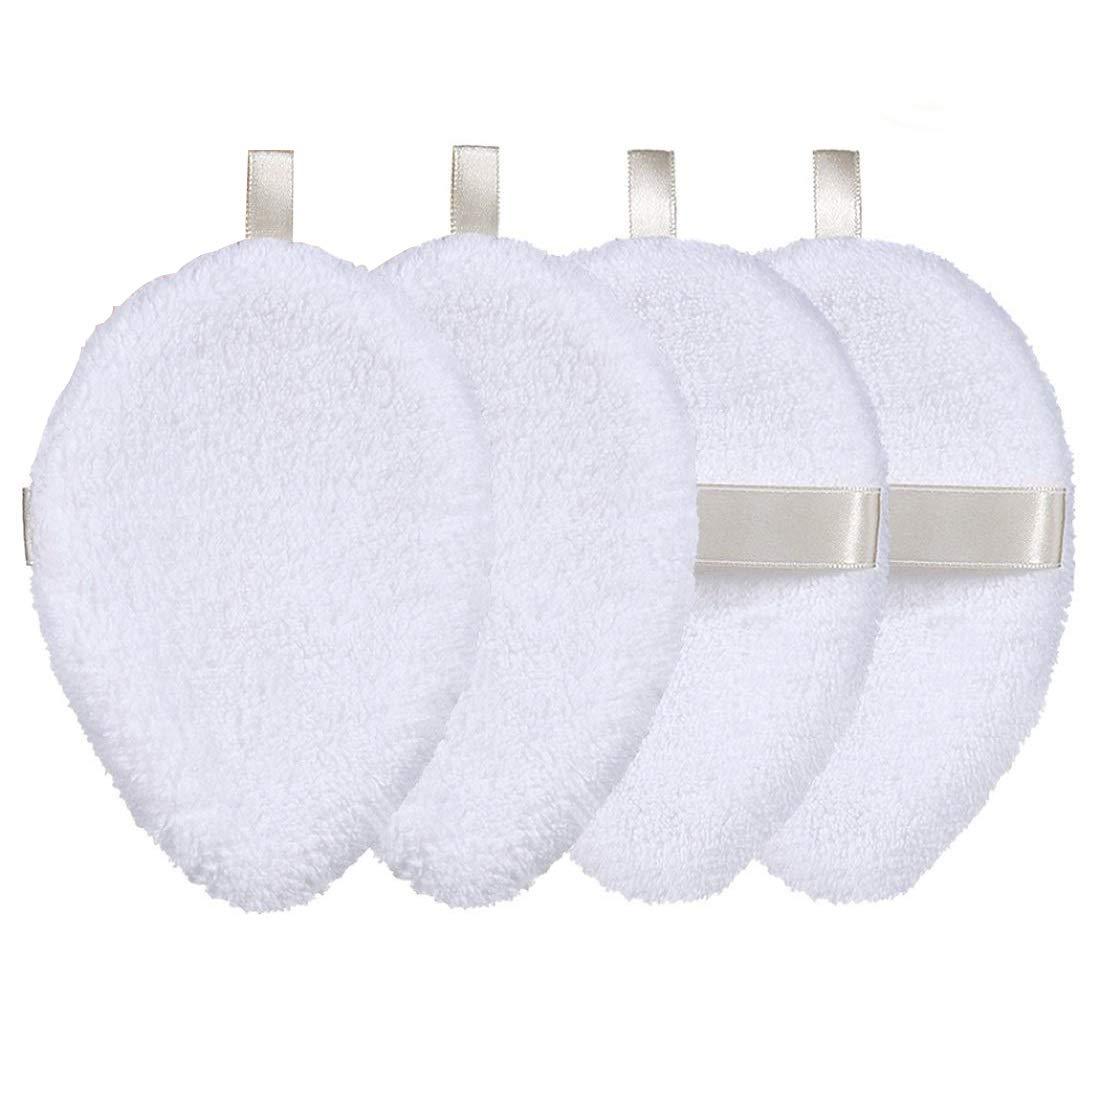 Reusable Makeup Remover Pads, Ultra-Soft Organic Bamboo Cotton Rounds, Reusable Cotton Pads Face Cleansing Wipes, Microfiber Makeup Remover Towel, Makeup Eraser Cloth